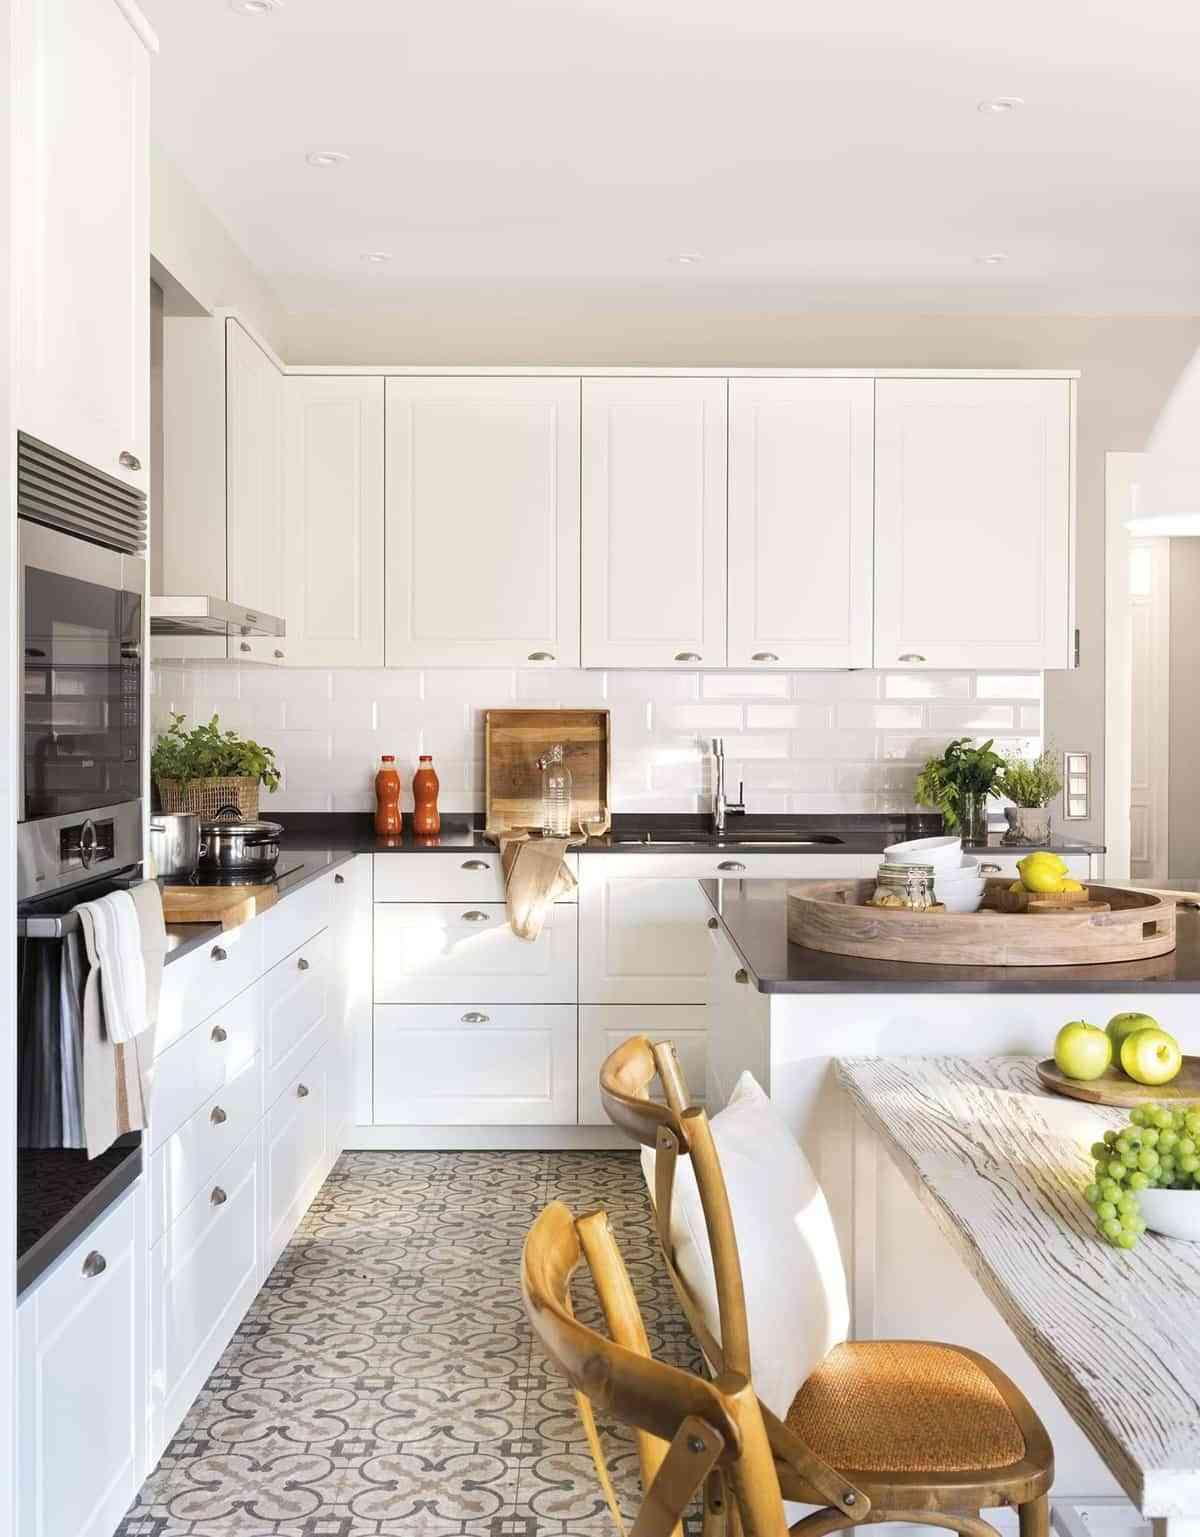 Kitchens - hydraulic mosaic